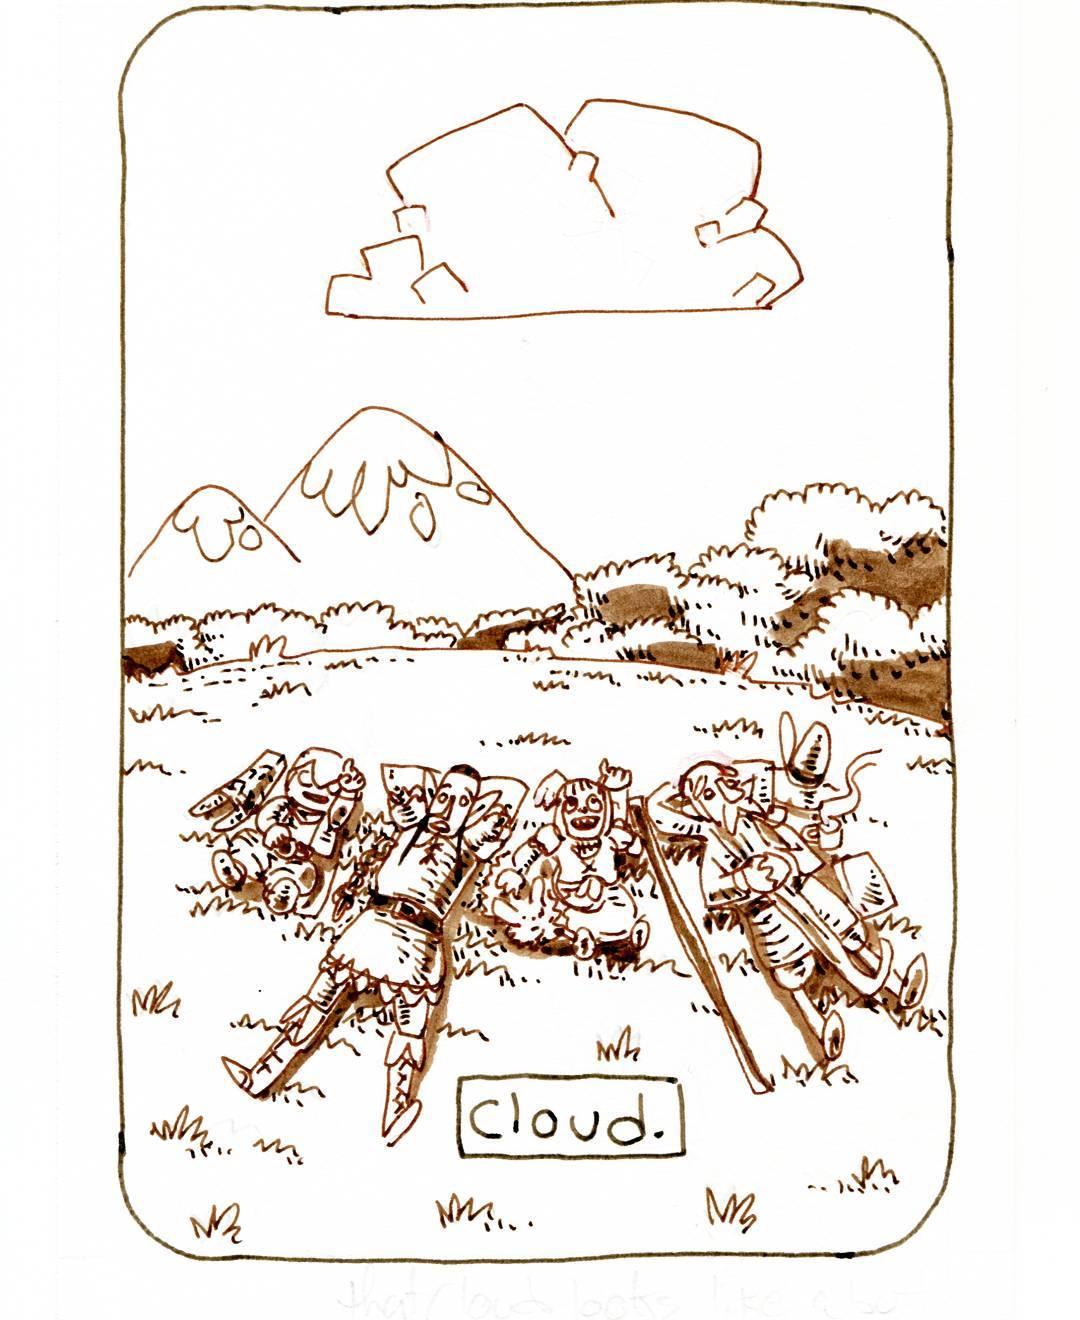 """redjarojam """"Cloud"""", Inktober 19 - by Jared DeCosta (redjarojam) www.instagram.com/redjarojam (2017-10) © dell'autore tutti i diritti riservati"""